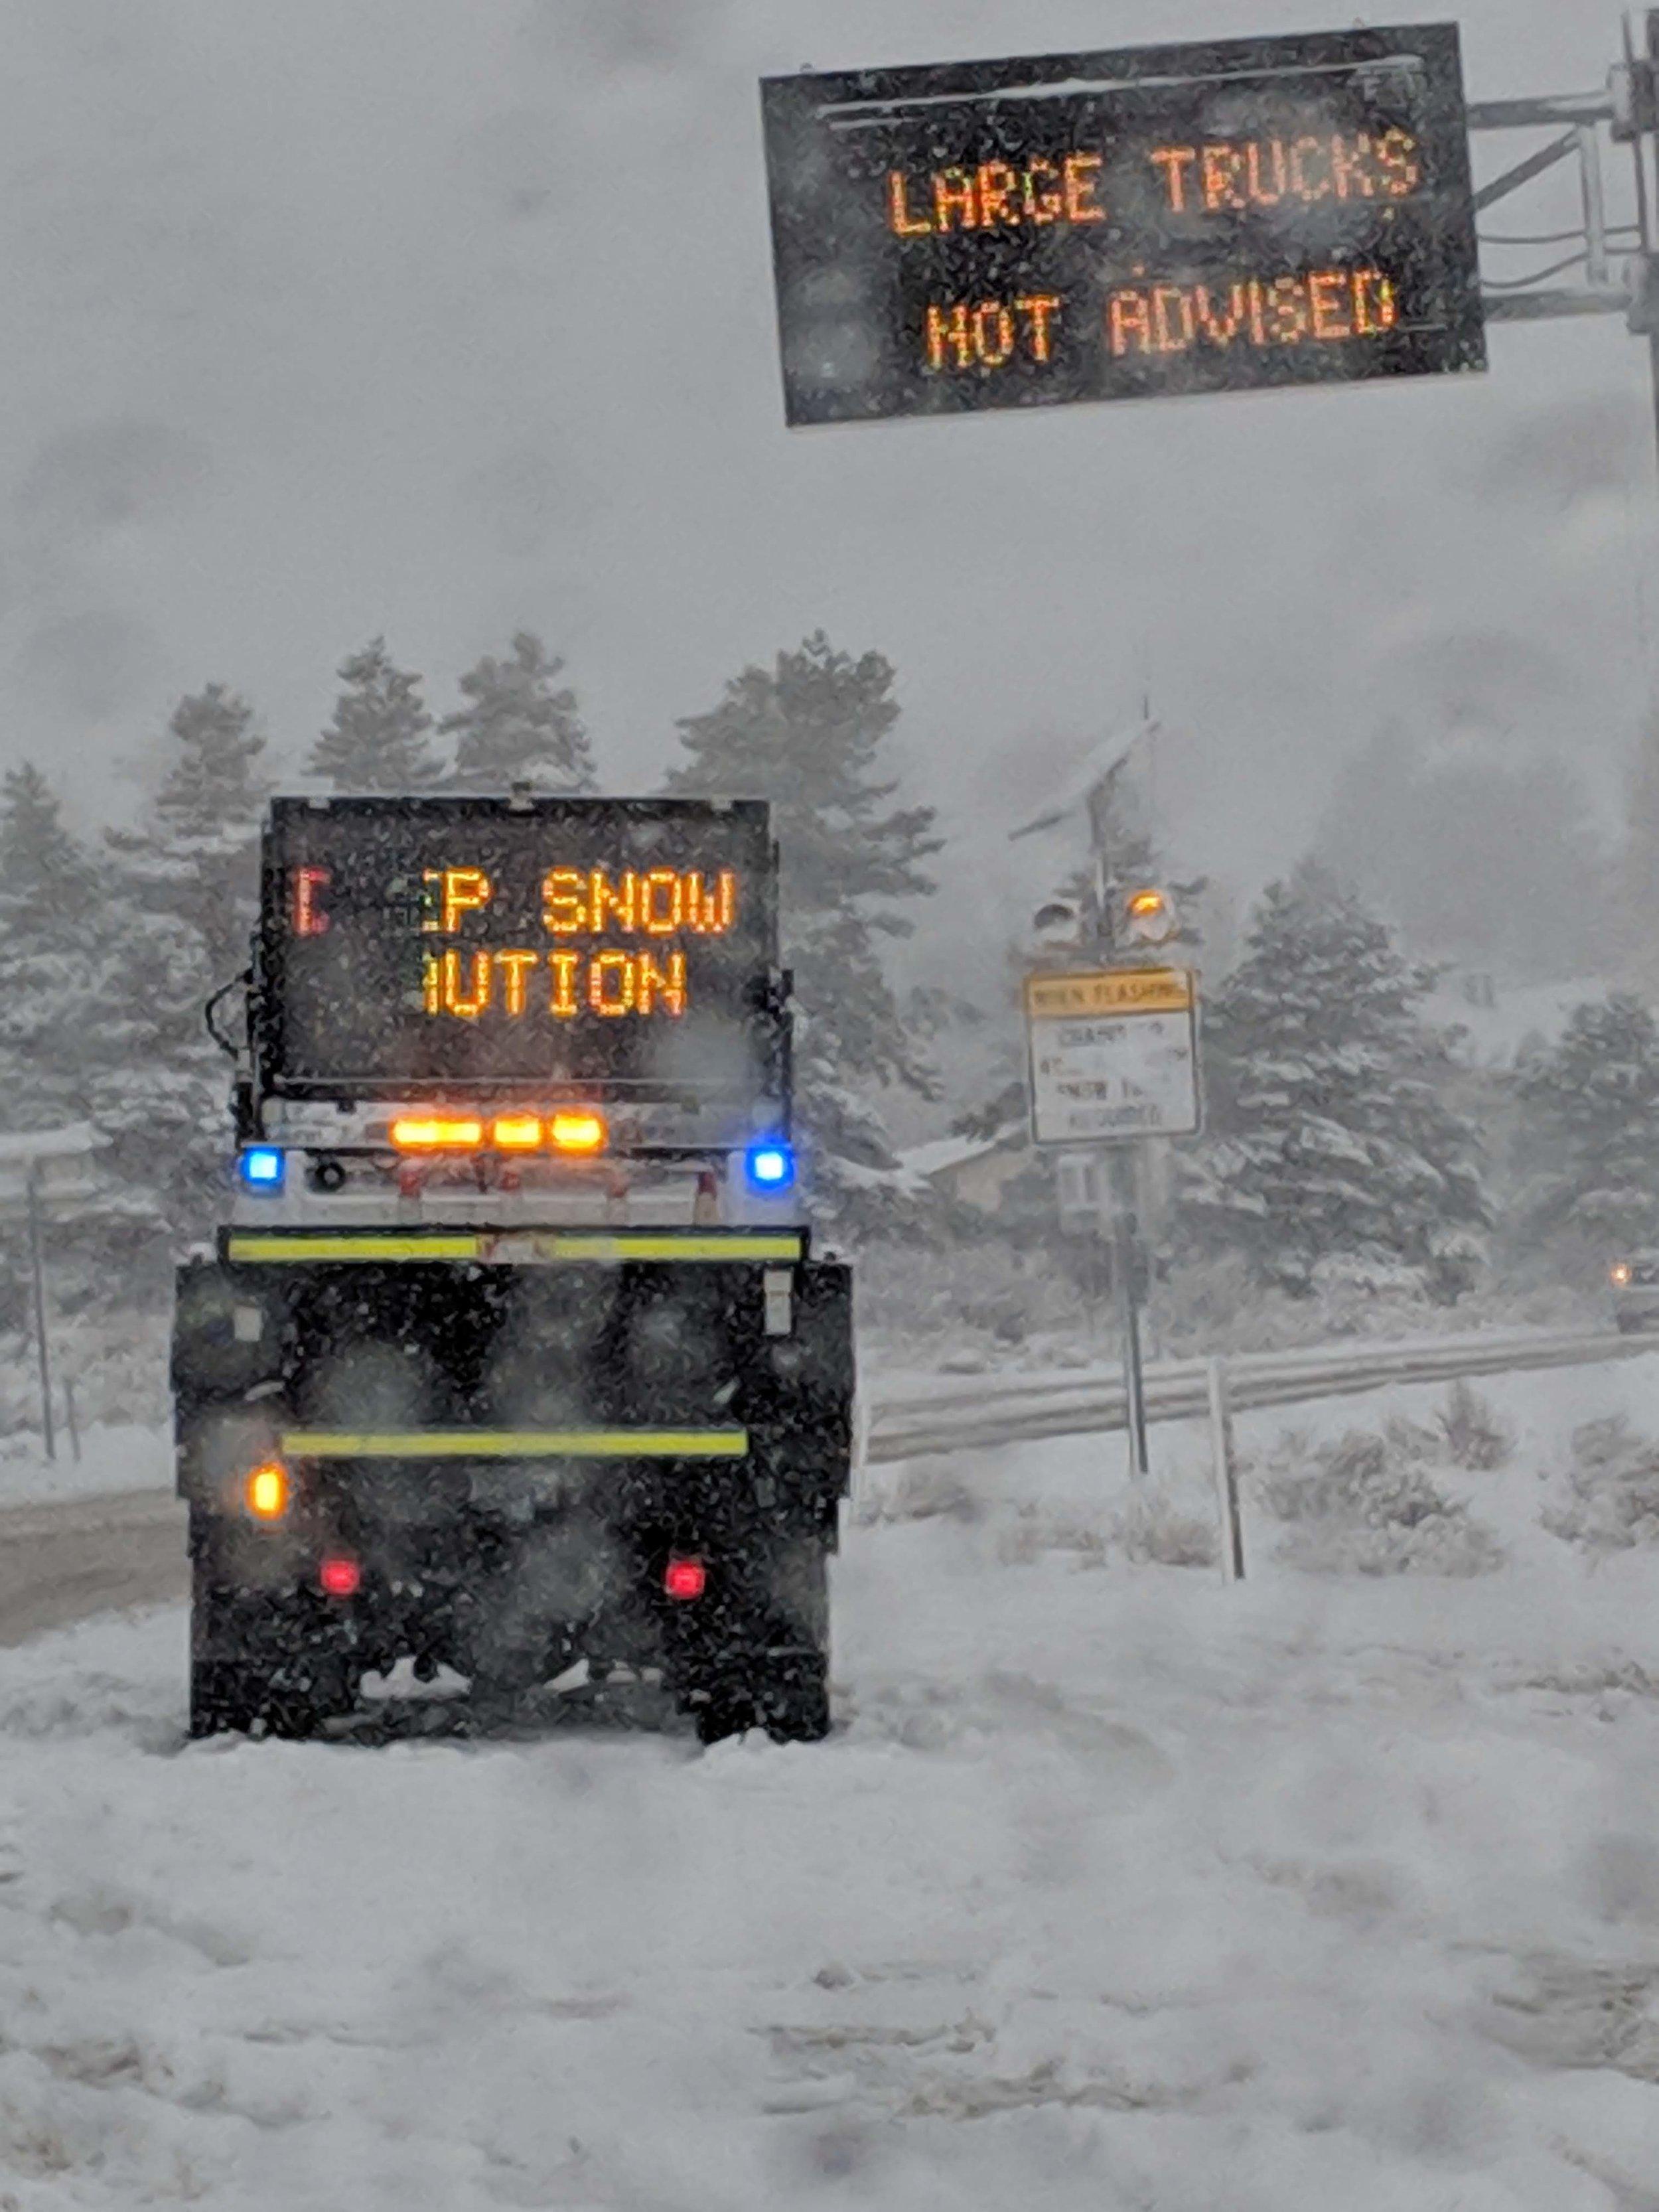 trucks not advised.jpg